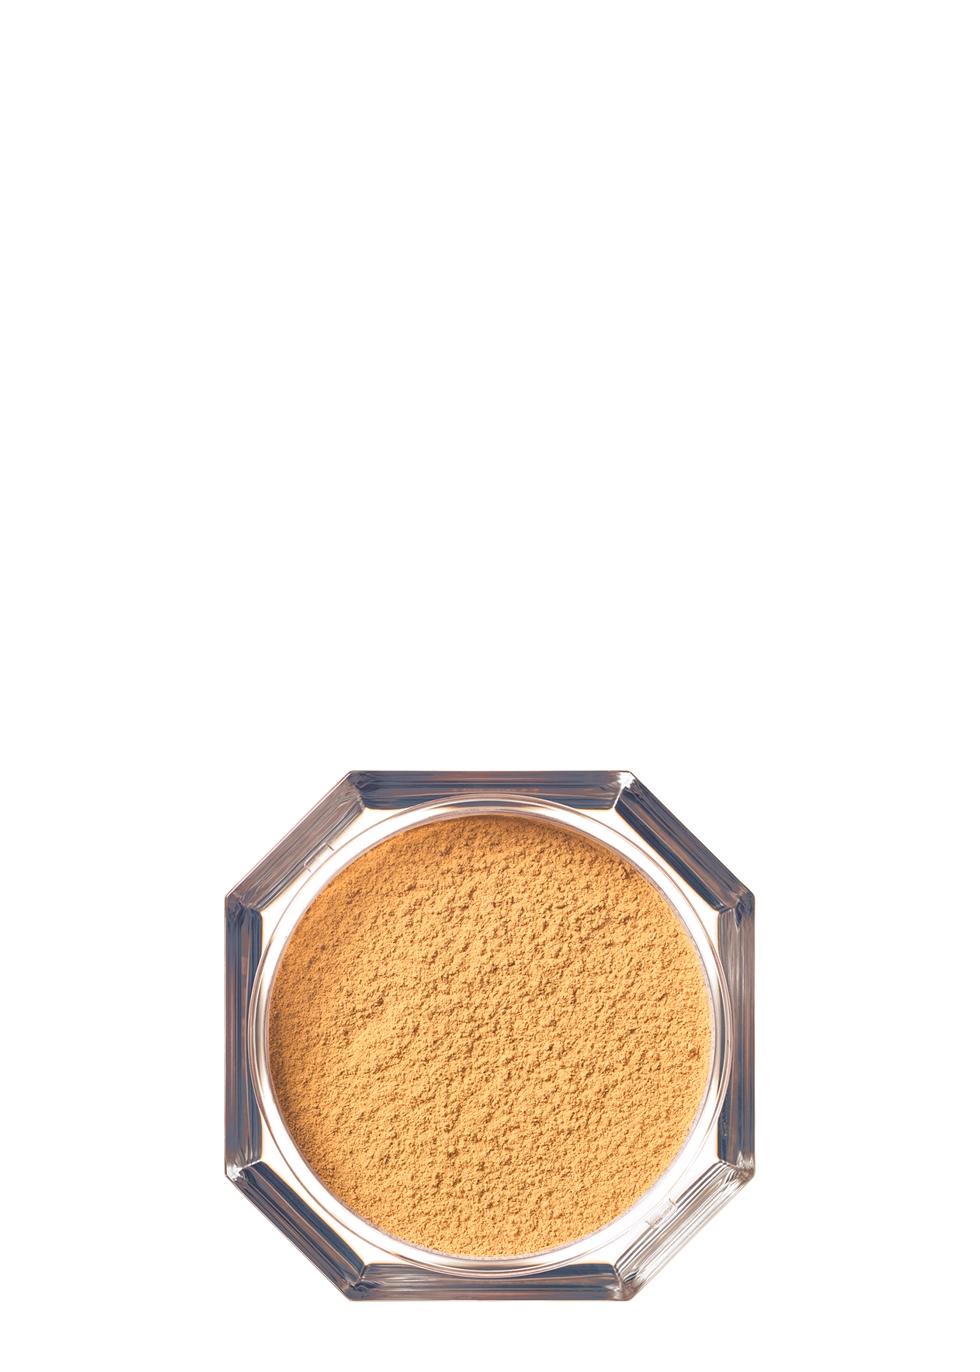 Pro Filt'r Instant Retouch Setting Powder - Honey - FENTY BEAUTY